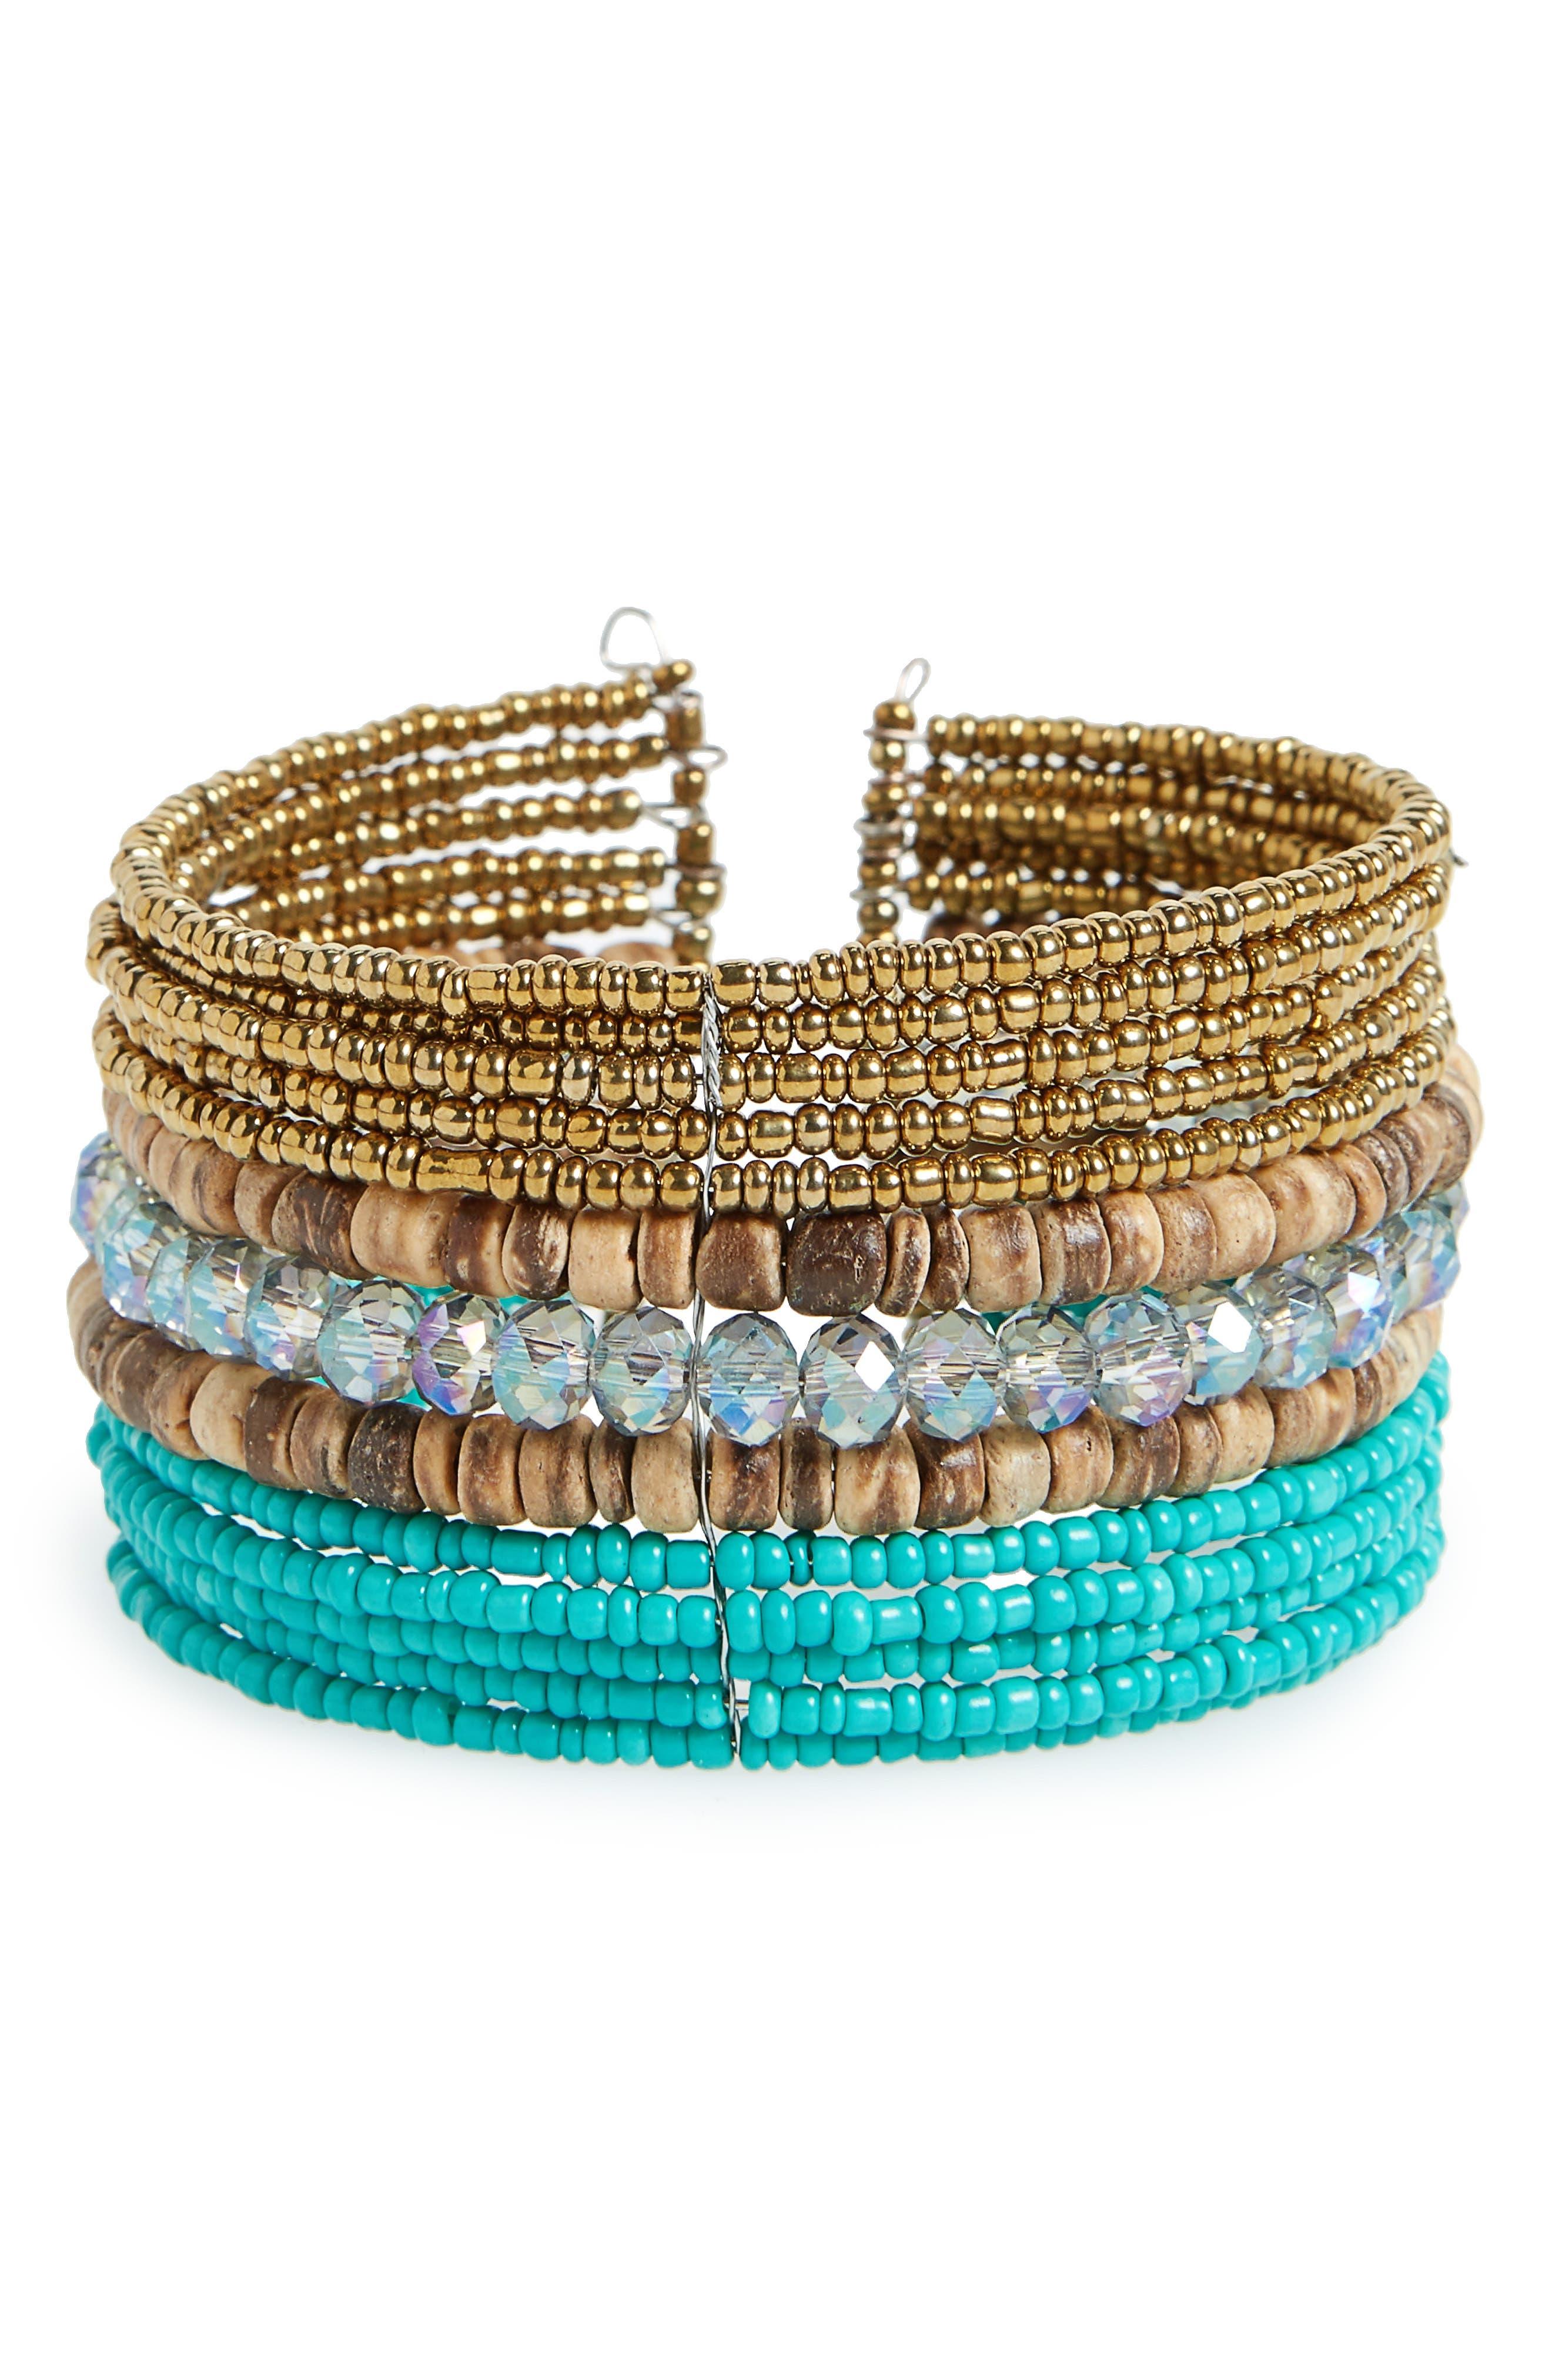 PANACEA Beaded Cuff Bracelet